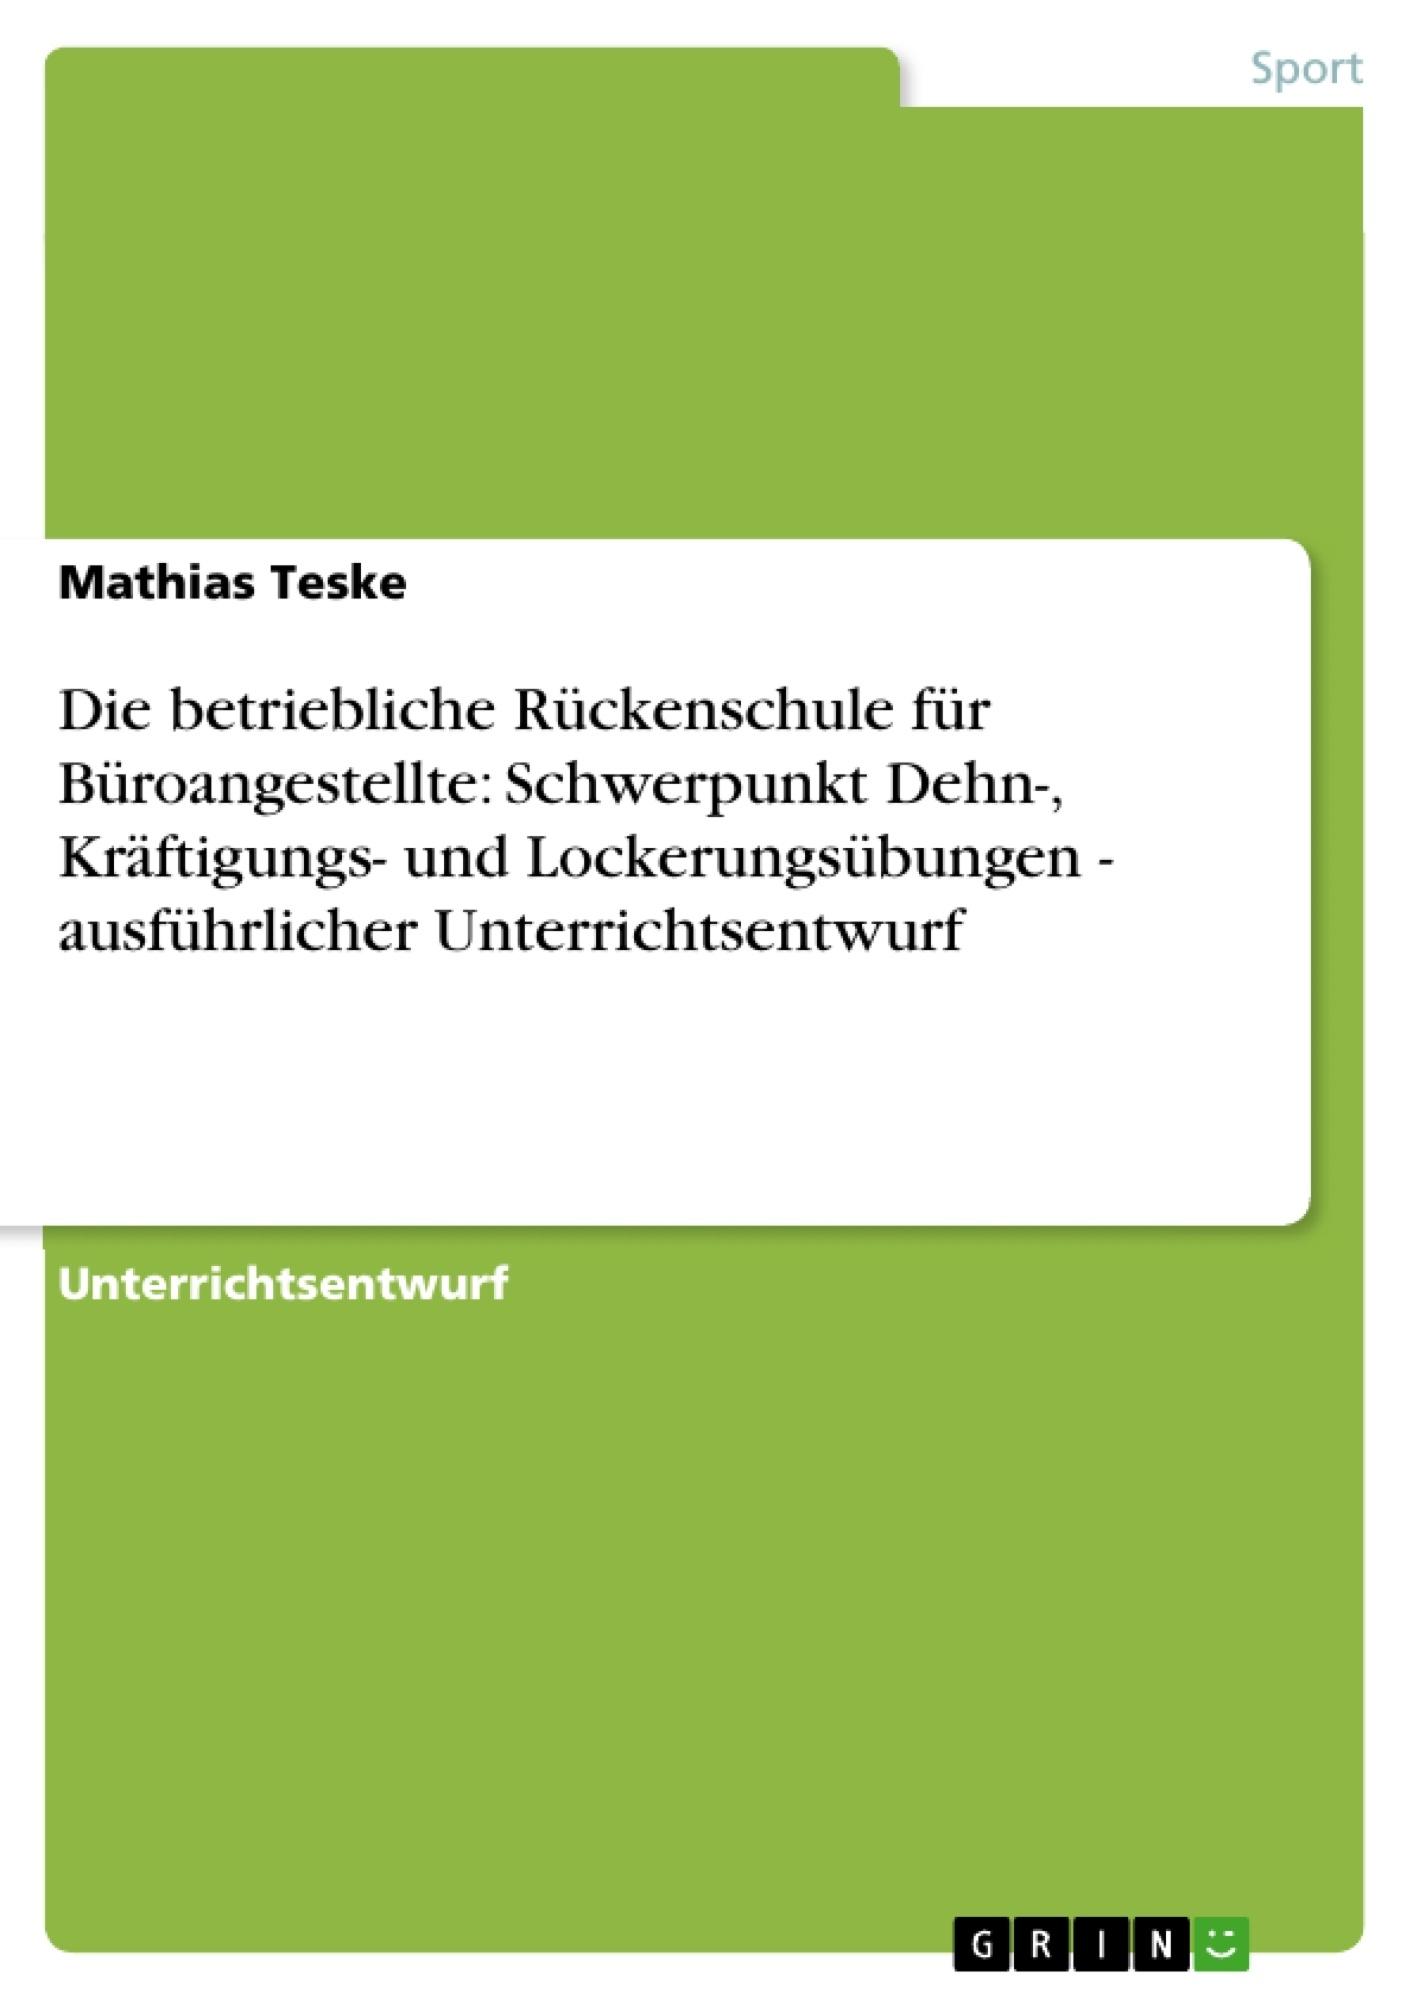 Titel: Die betriebliche Rückenschule für Büroangestellte: Schwerpunkt Dehn-, Kräftigungs- und Lockerungsübungen - ausführlicher Unterrichtsentwurf